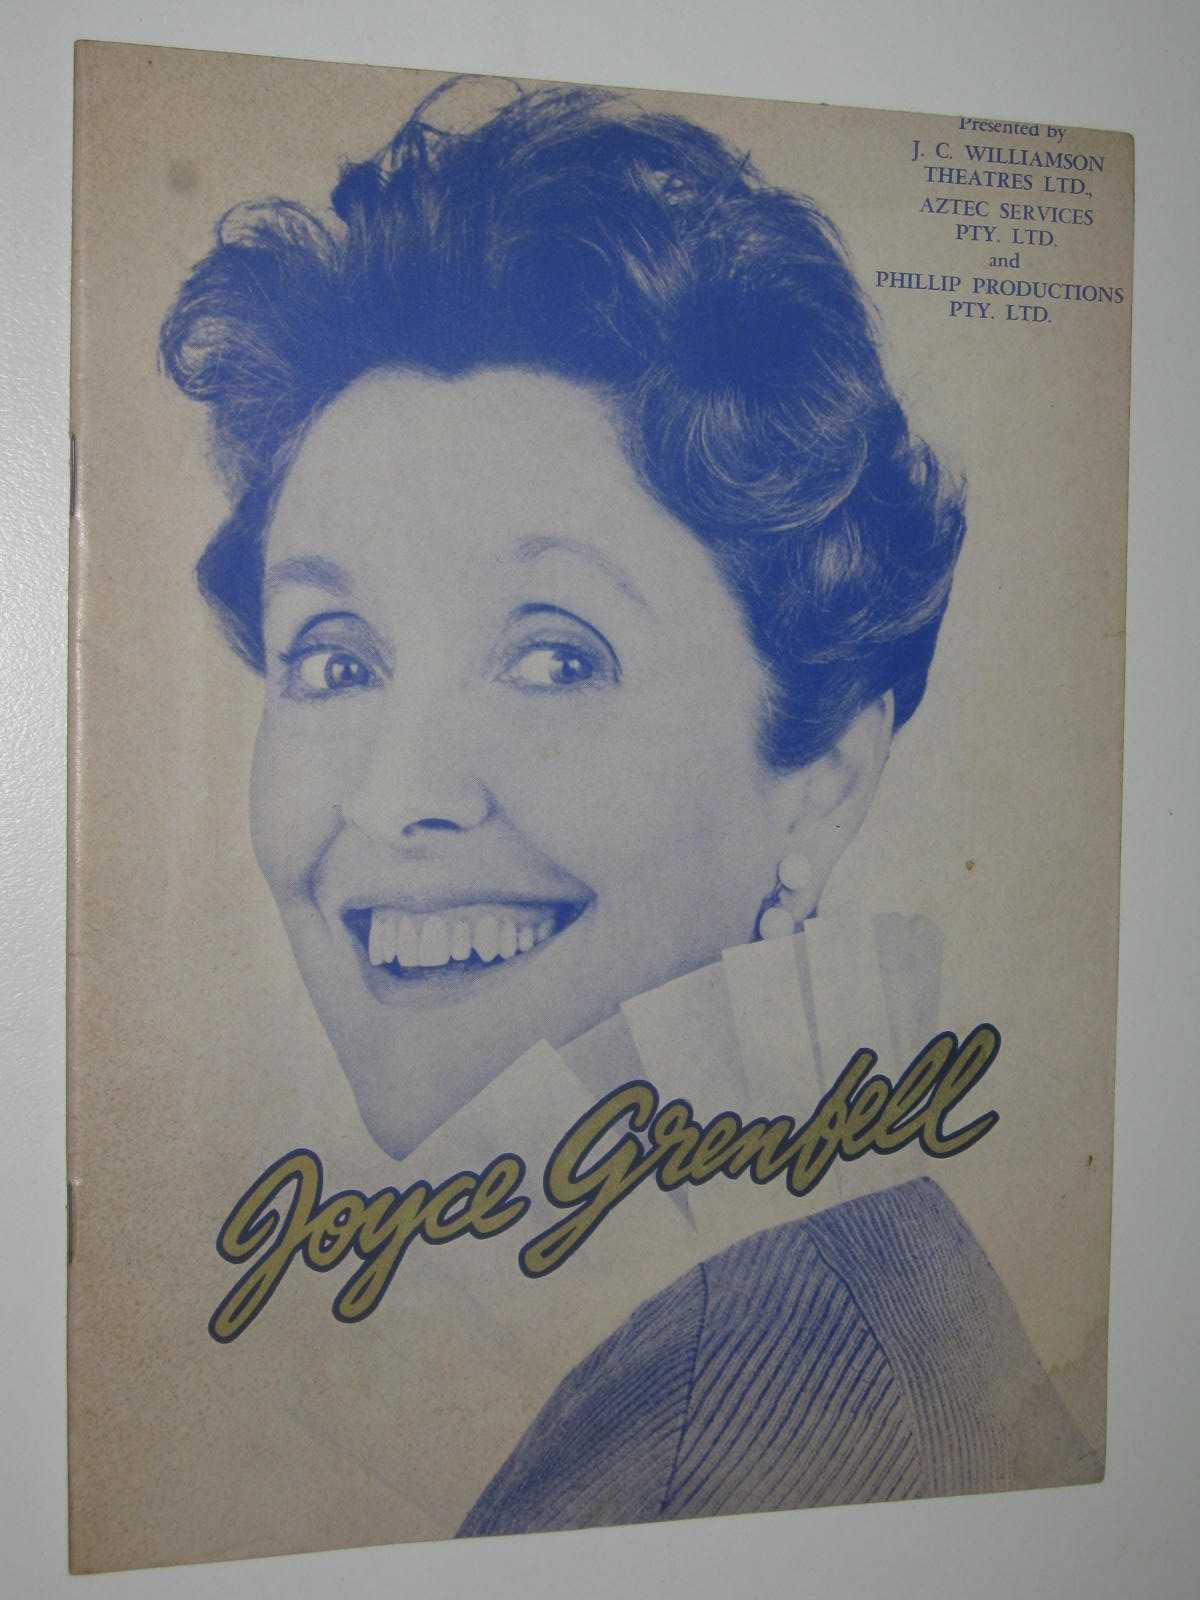 Image for Joyce Grenfell, the Peerless Solo Artist 1969 Tour Program